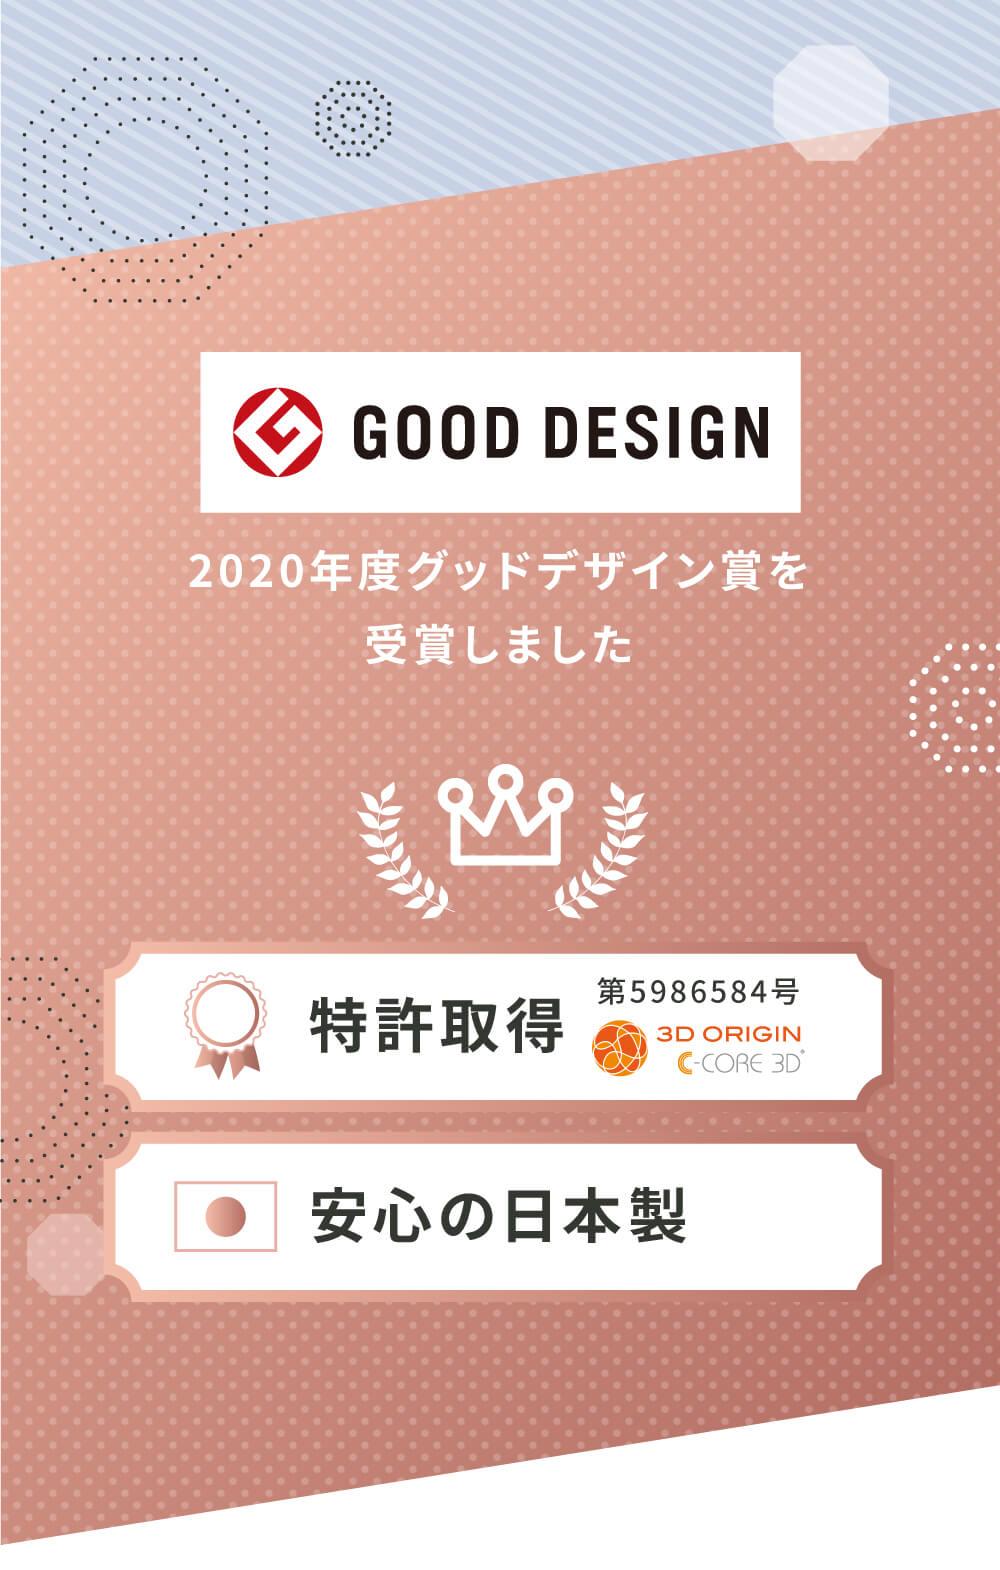 2020年度グッドデザイン賞を受賞しました